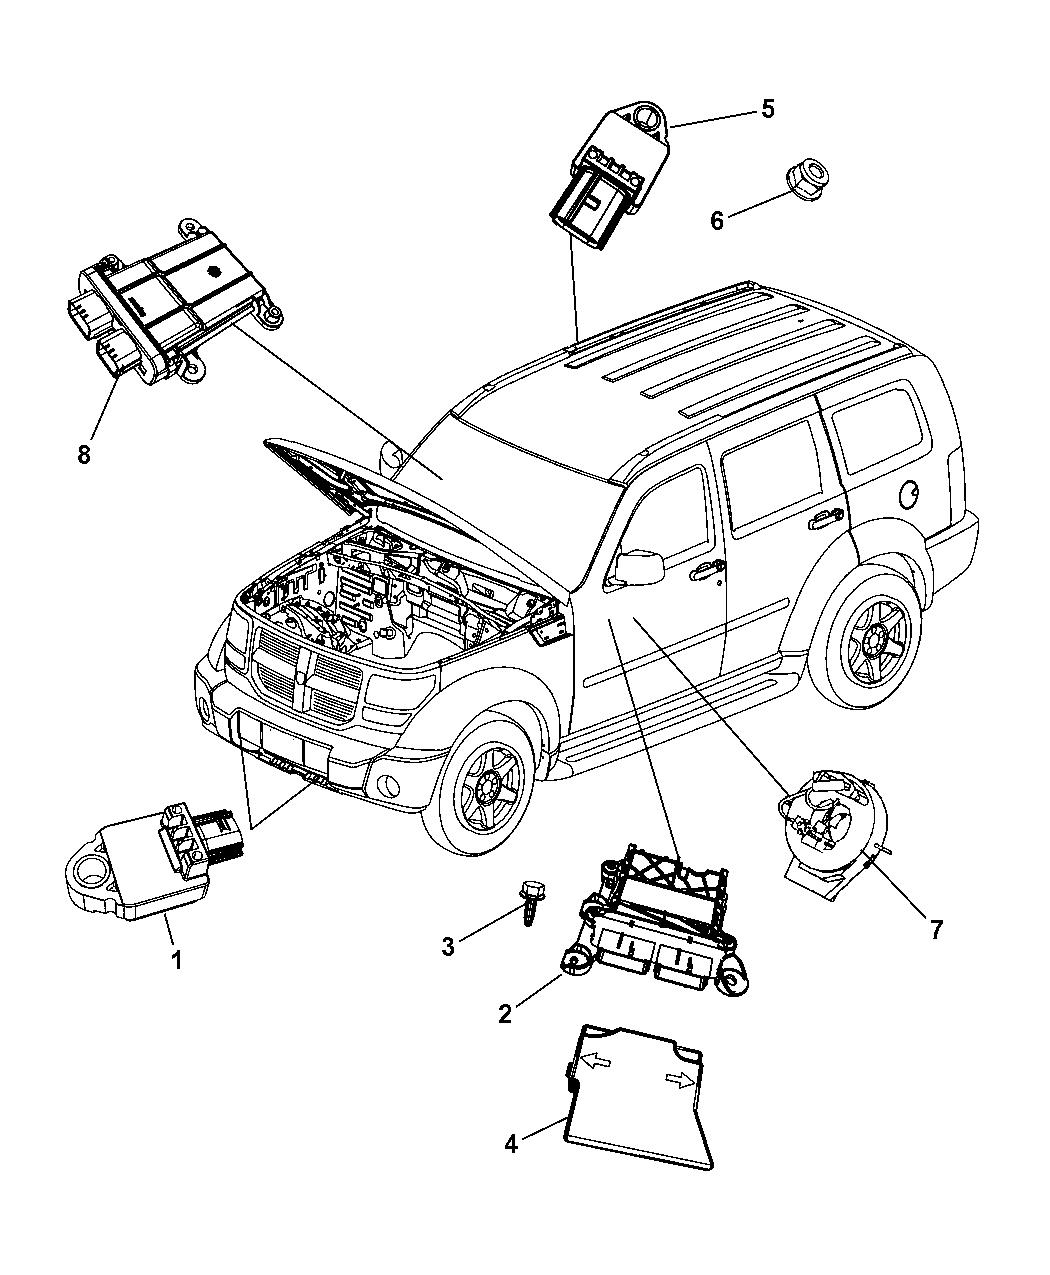 Genuine Mopar CLKSPRING-STEERING COLUMN